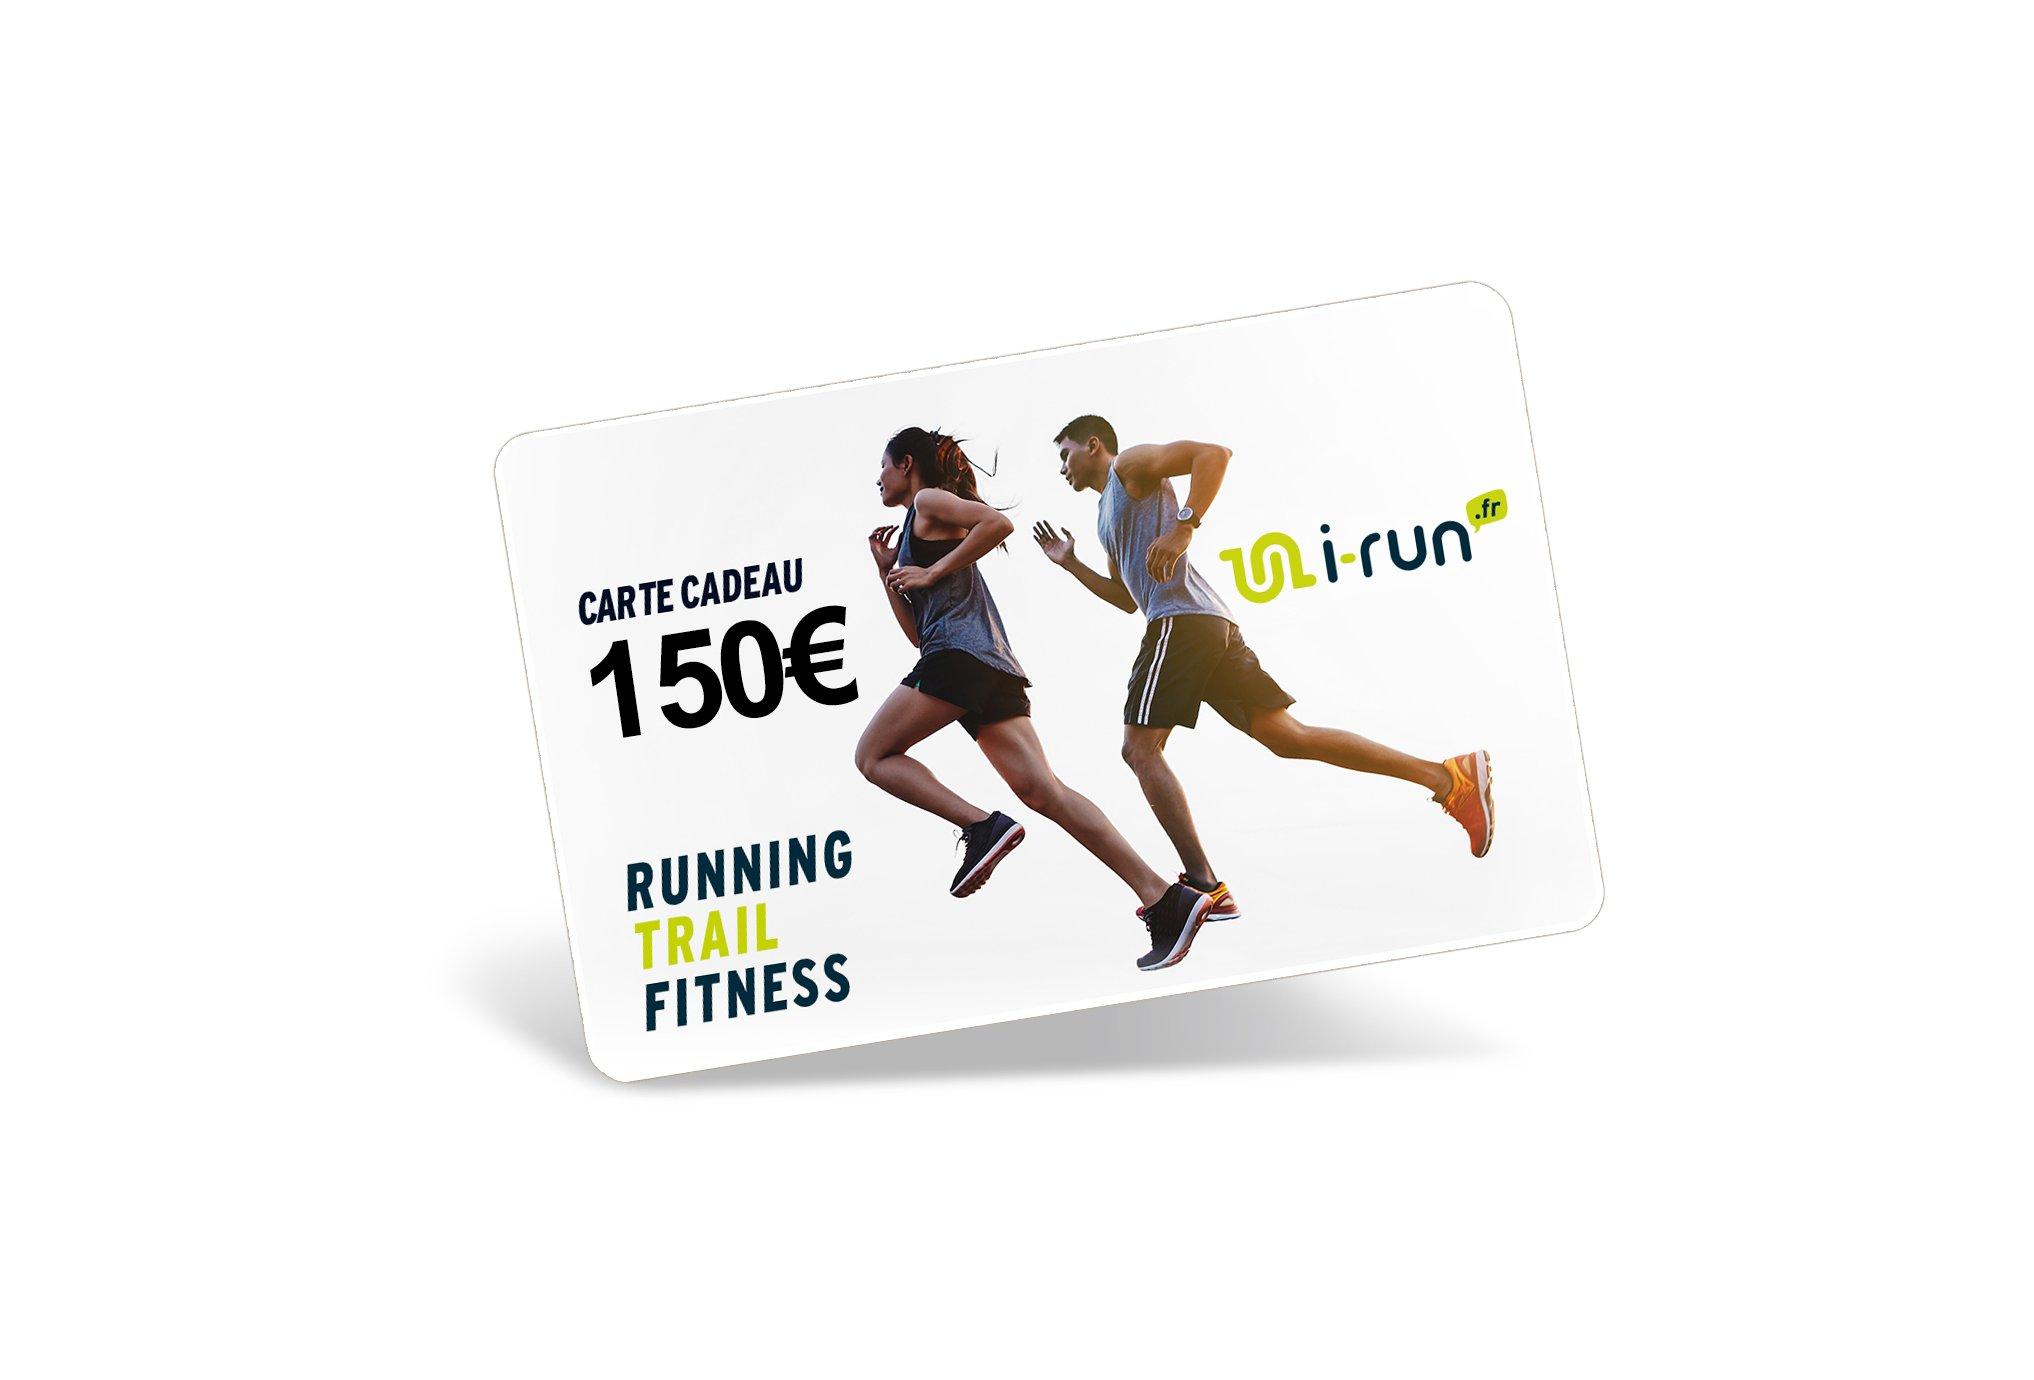 i-run.fr Carte Cadeau 150 Cartes Cadeau